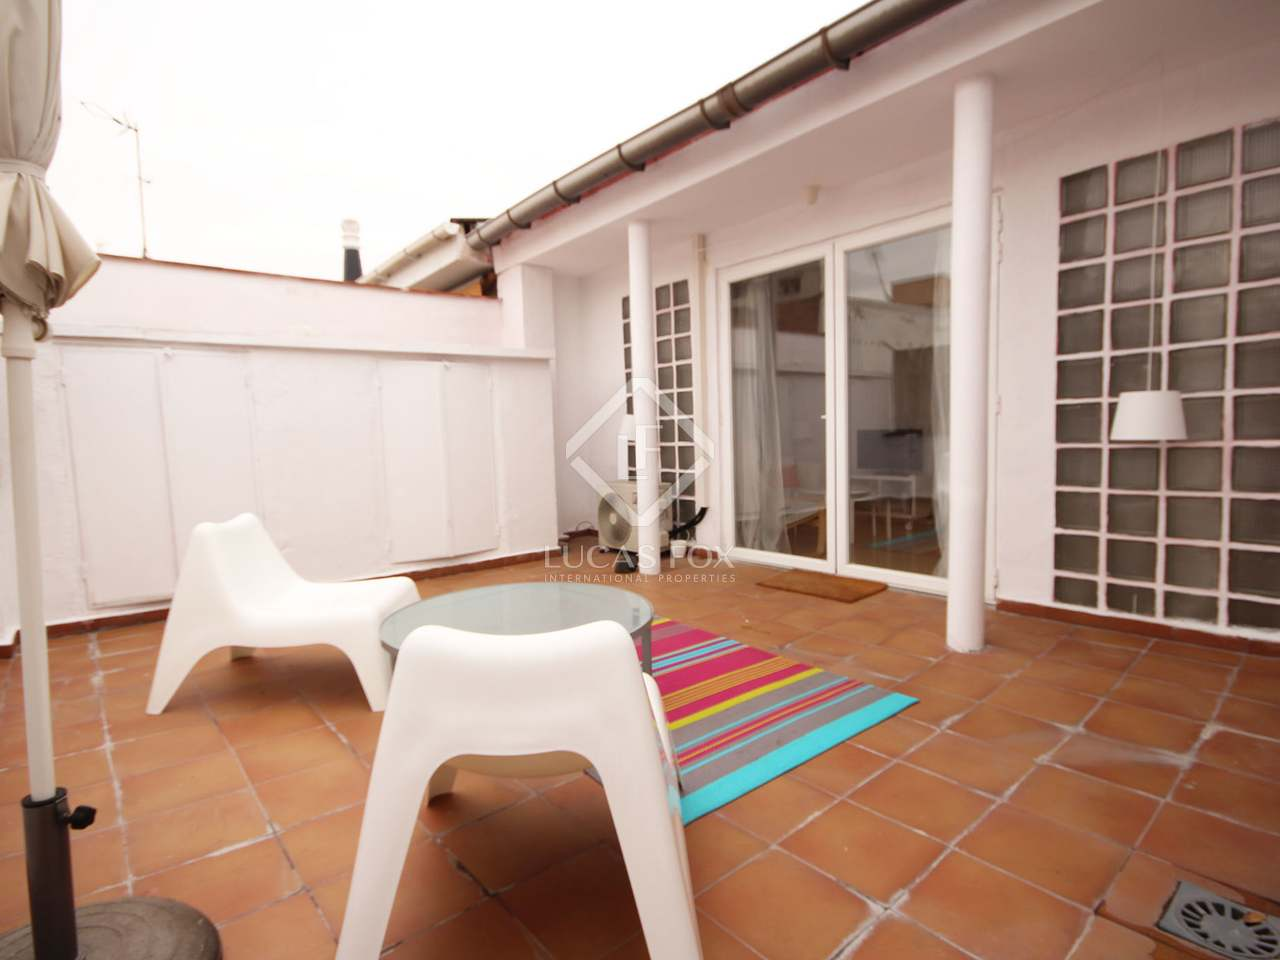 Piso de 85m con terraza de 25m en alquiler en cortes for Pisos con terraza madrid